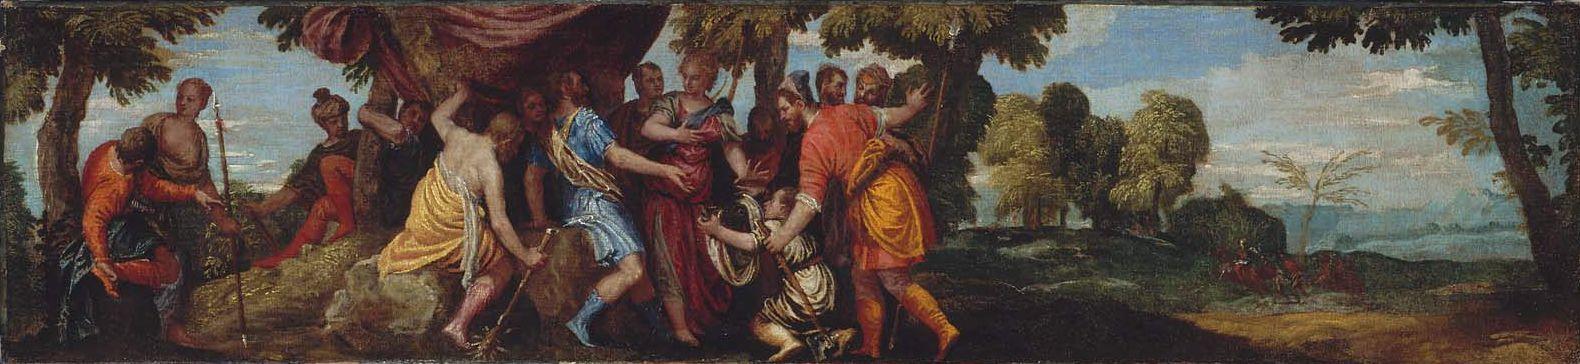 Paolo Veronese. Meleagr presents Atalanta boar's head